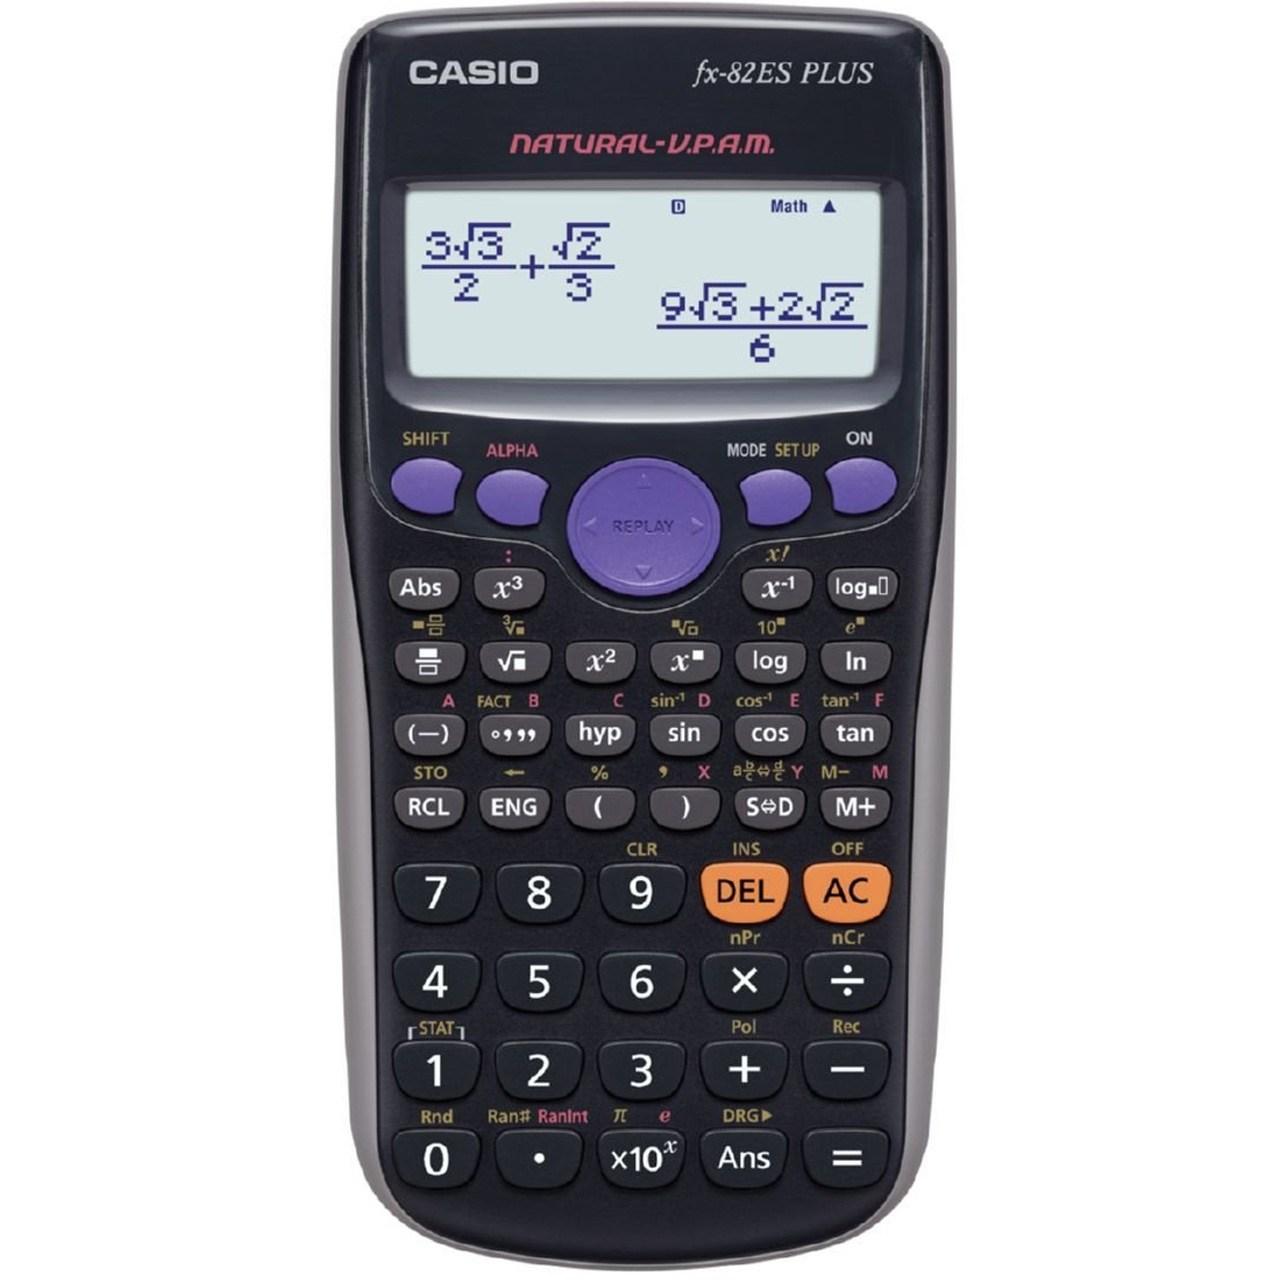 ماشین حساب کاسیو مدل FX-82-ES PLUS